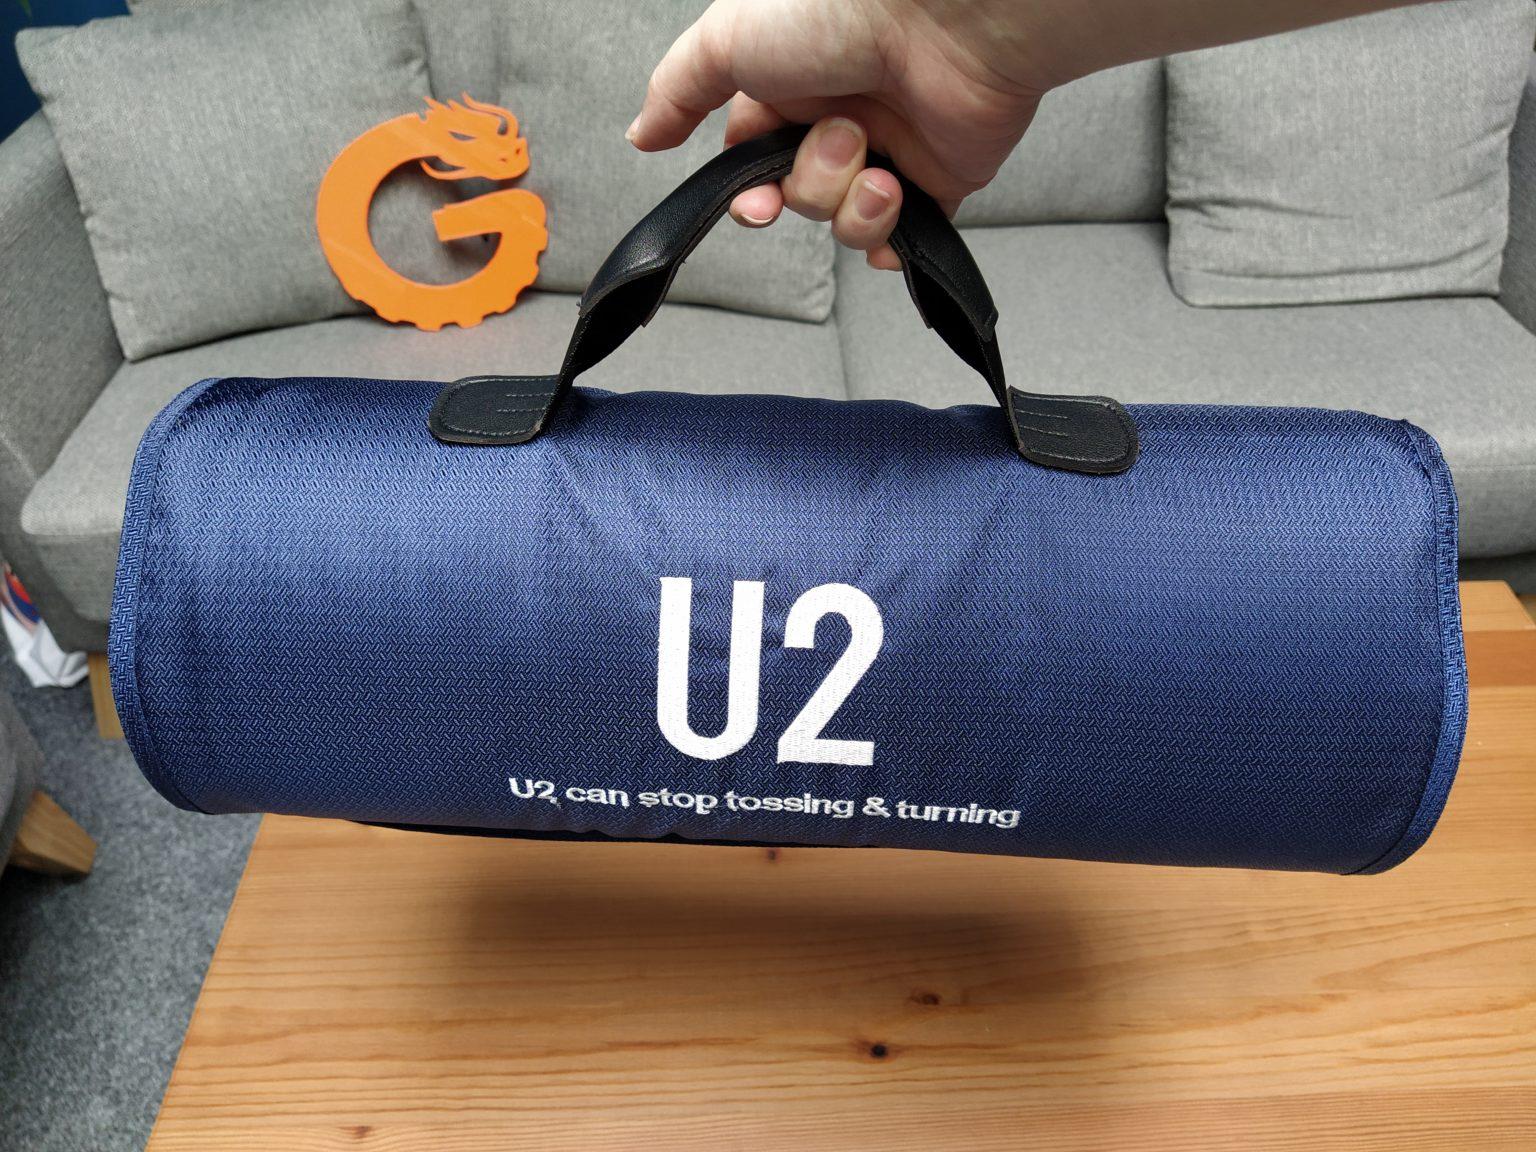 almohada viscoelastica modular de U2 en la bolsa de transporte